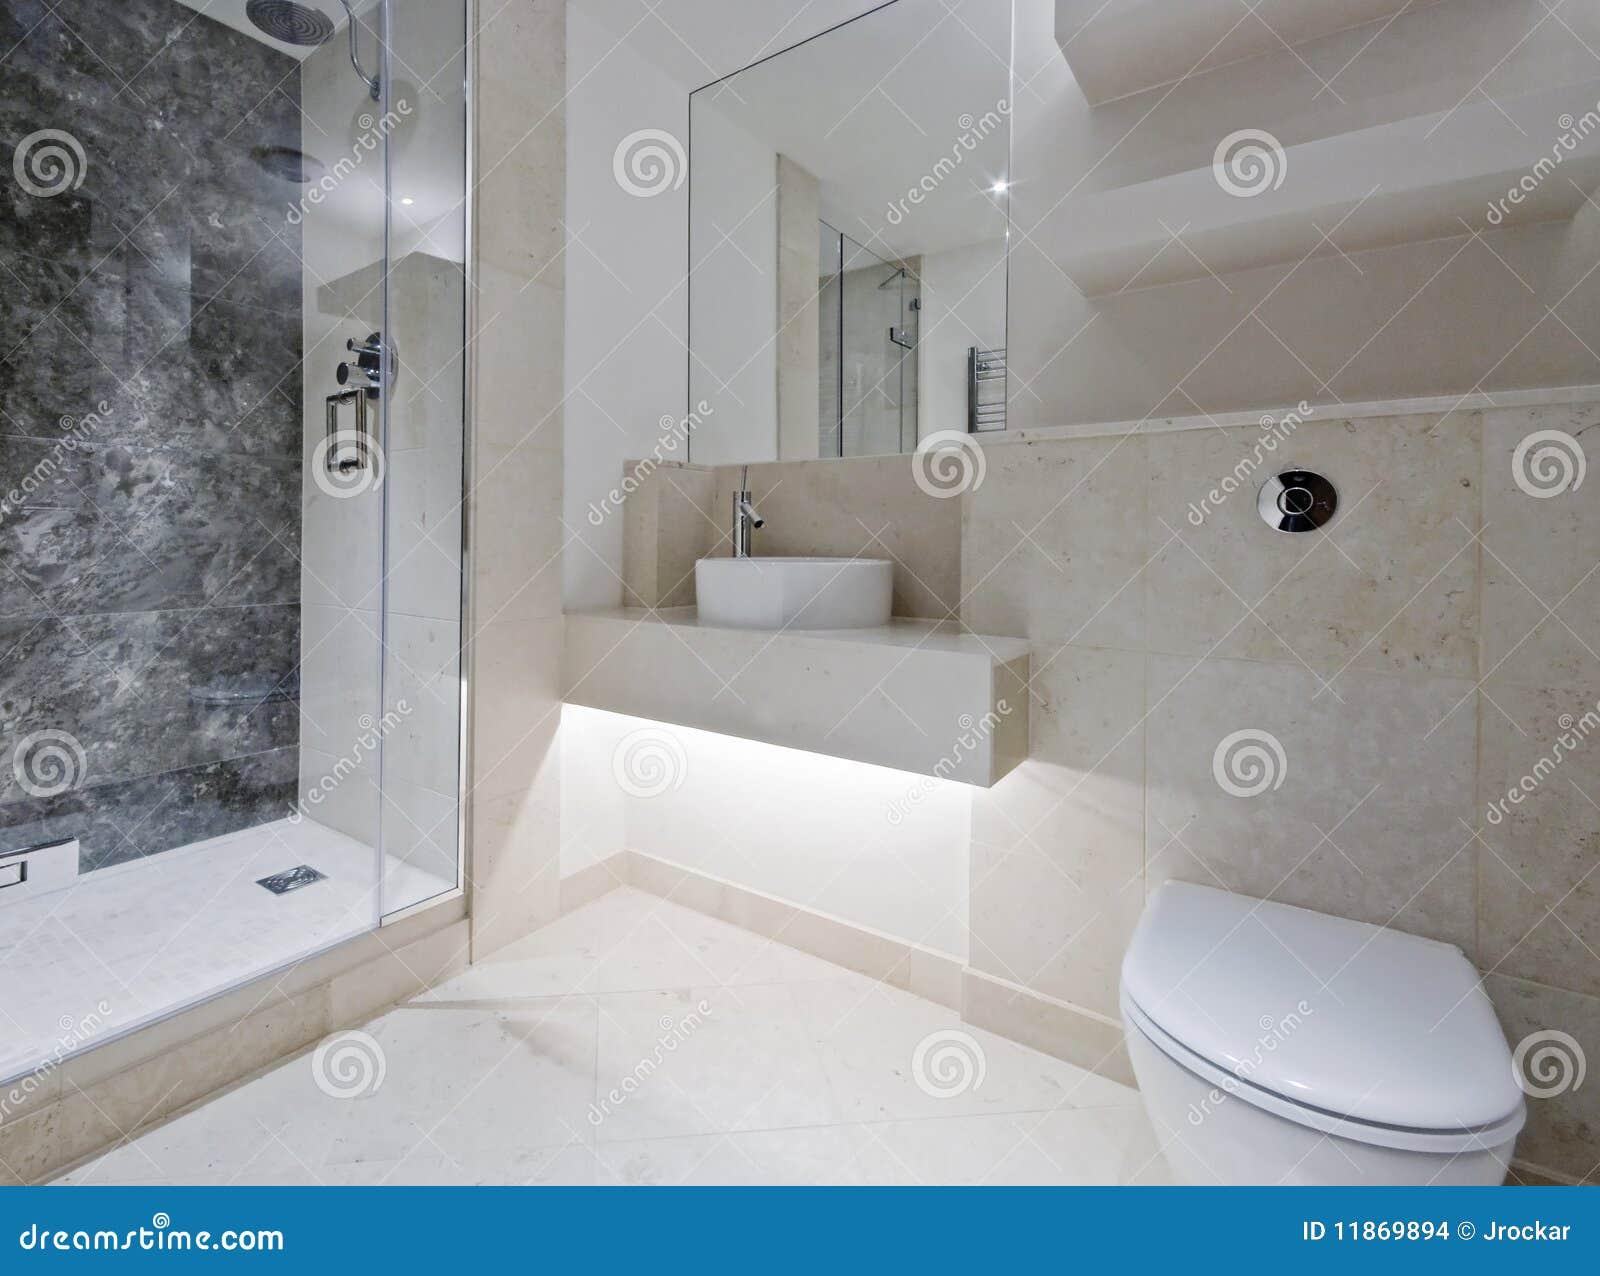 Stanza Da Bagno Di Lusso Con Marmo Immagini Stock - Immagine: 11869894